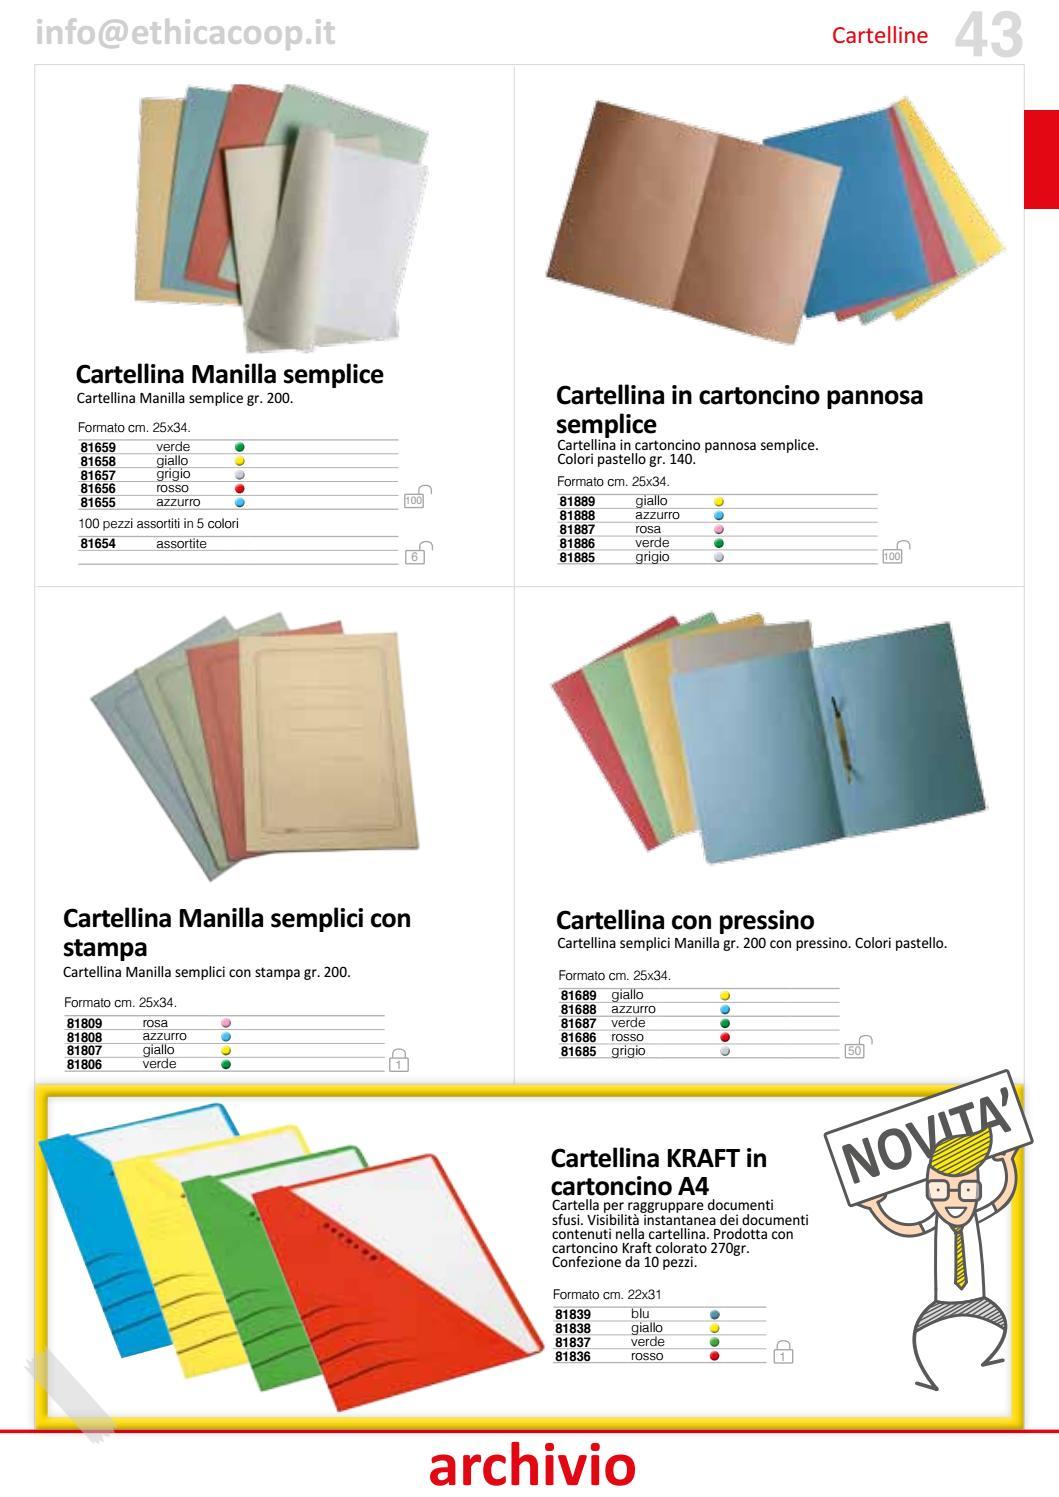 25x34 cm Confezione 100 pezzi Verde Cartellina Semplice con Stampa in cartoncino Pannosa 145 Gr